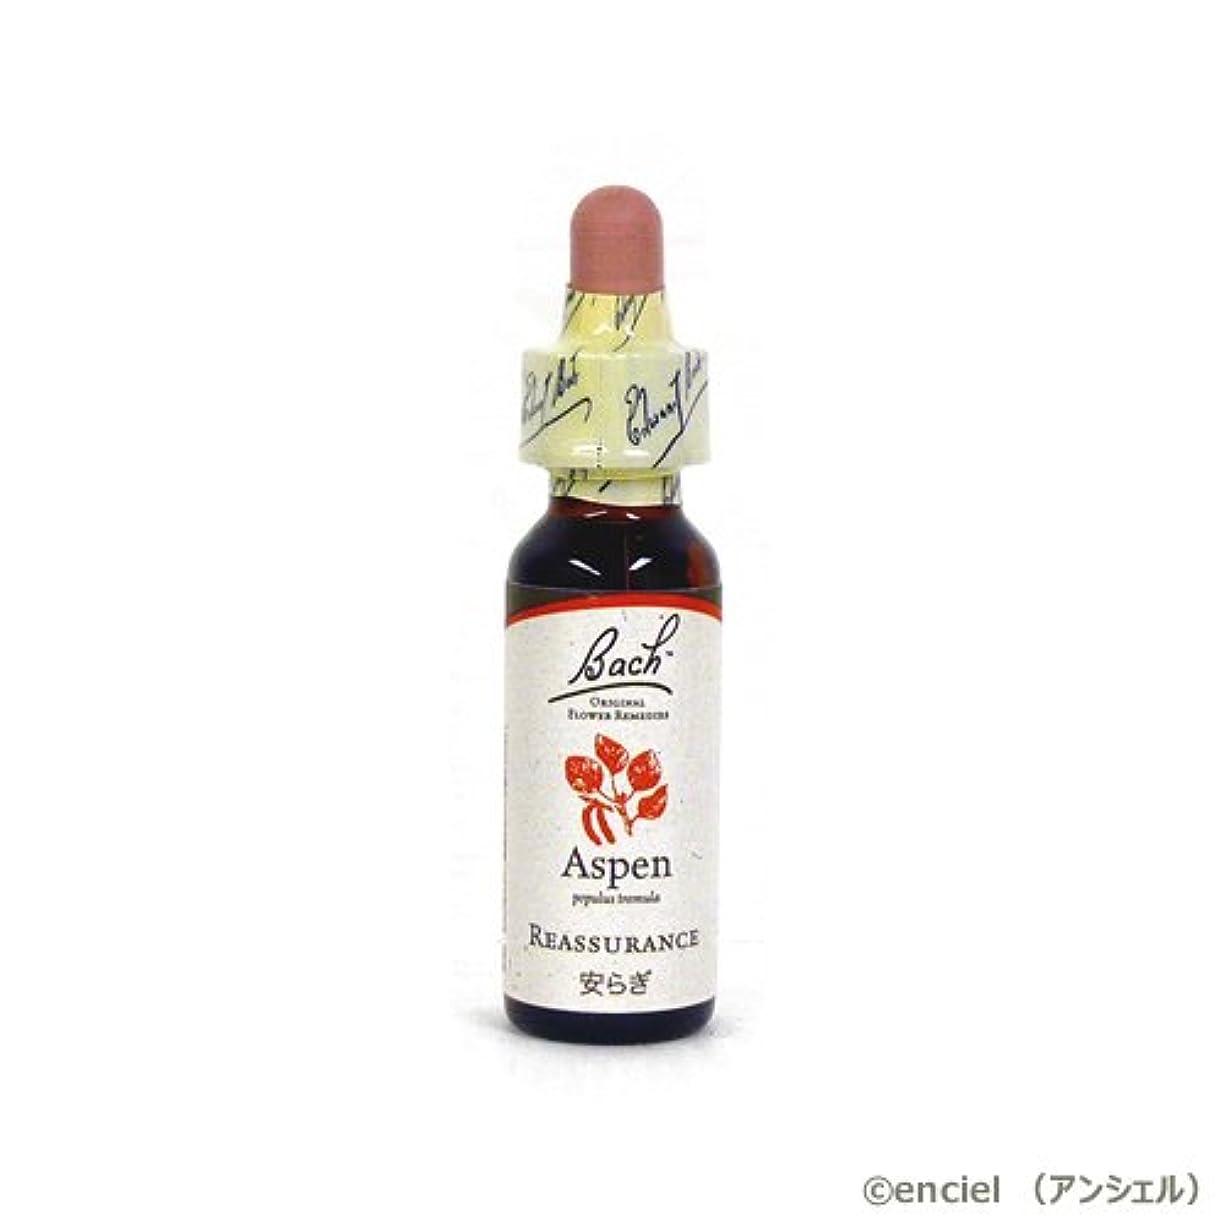 同封する時刻表最近バッチフラワー レメディ アスペン 10ml グリセリンタイプ 日本国内正規品